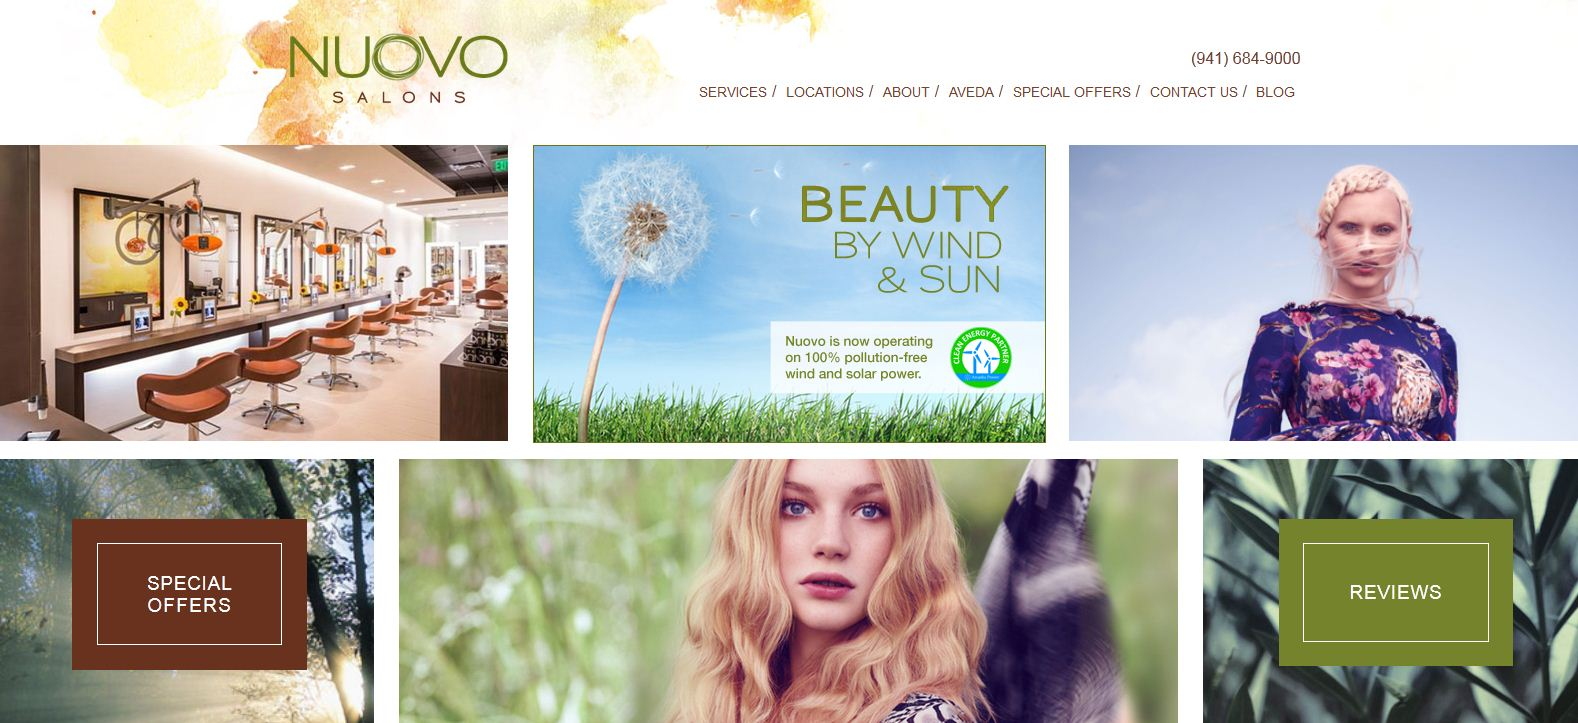 STAMP 2015: Nuovo's Website